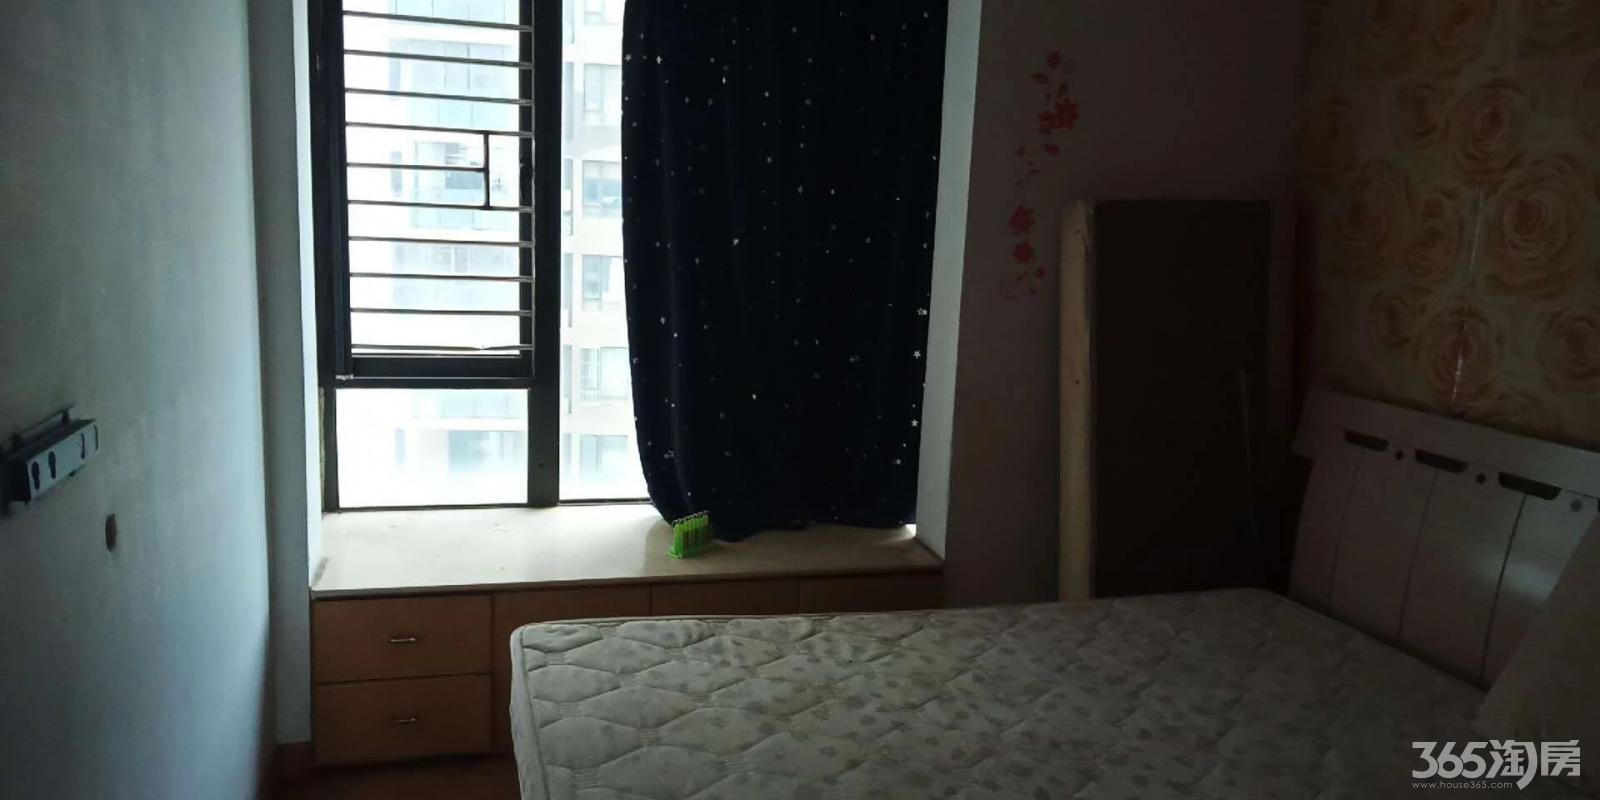 滨湖凡高 地铁口精装现房小户 世纪金源旁可上学 配套成熟